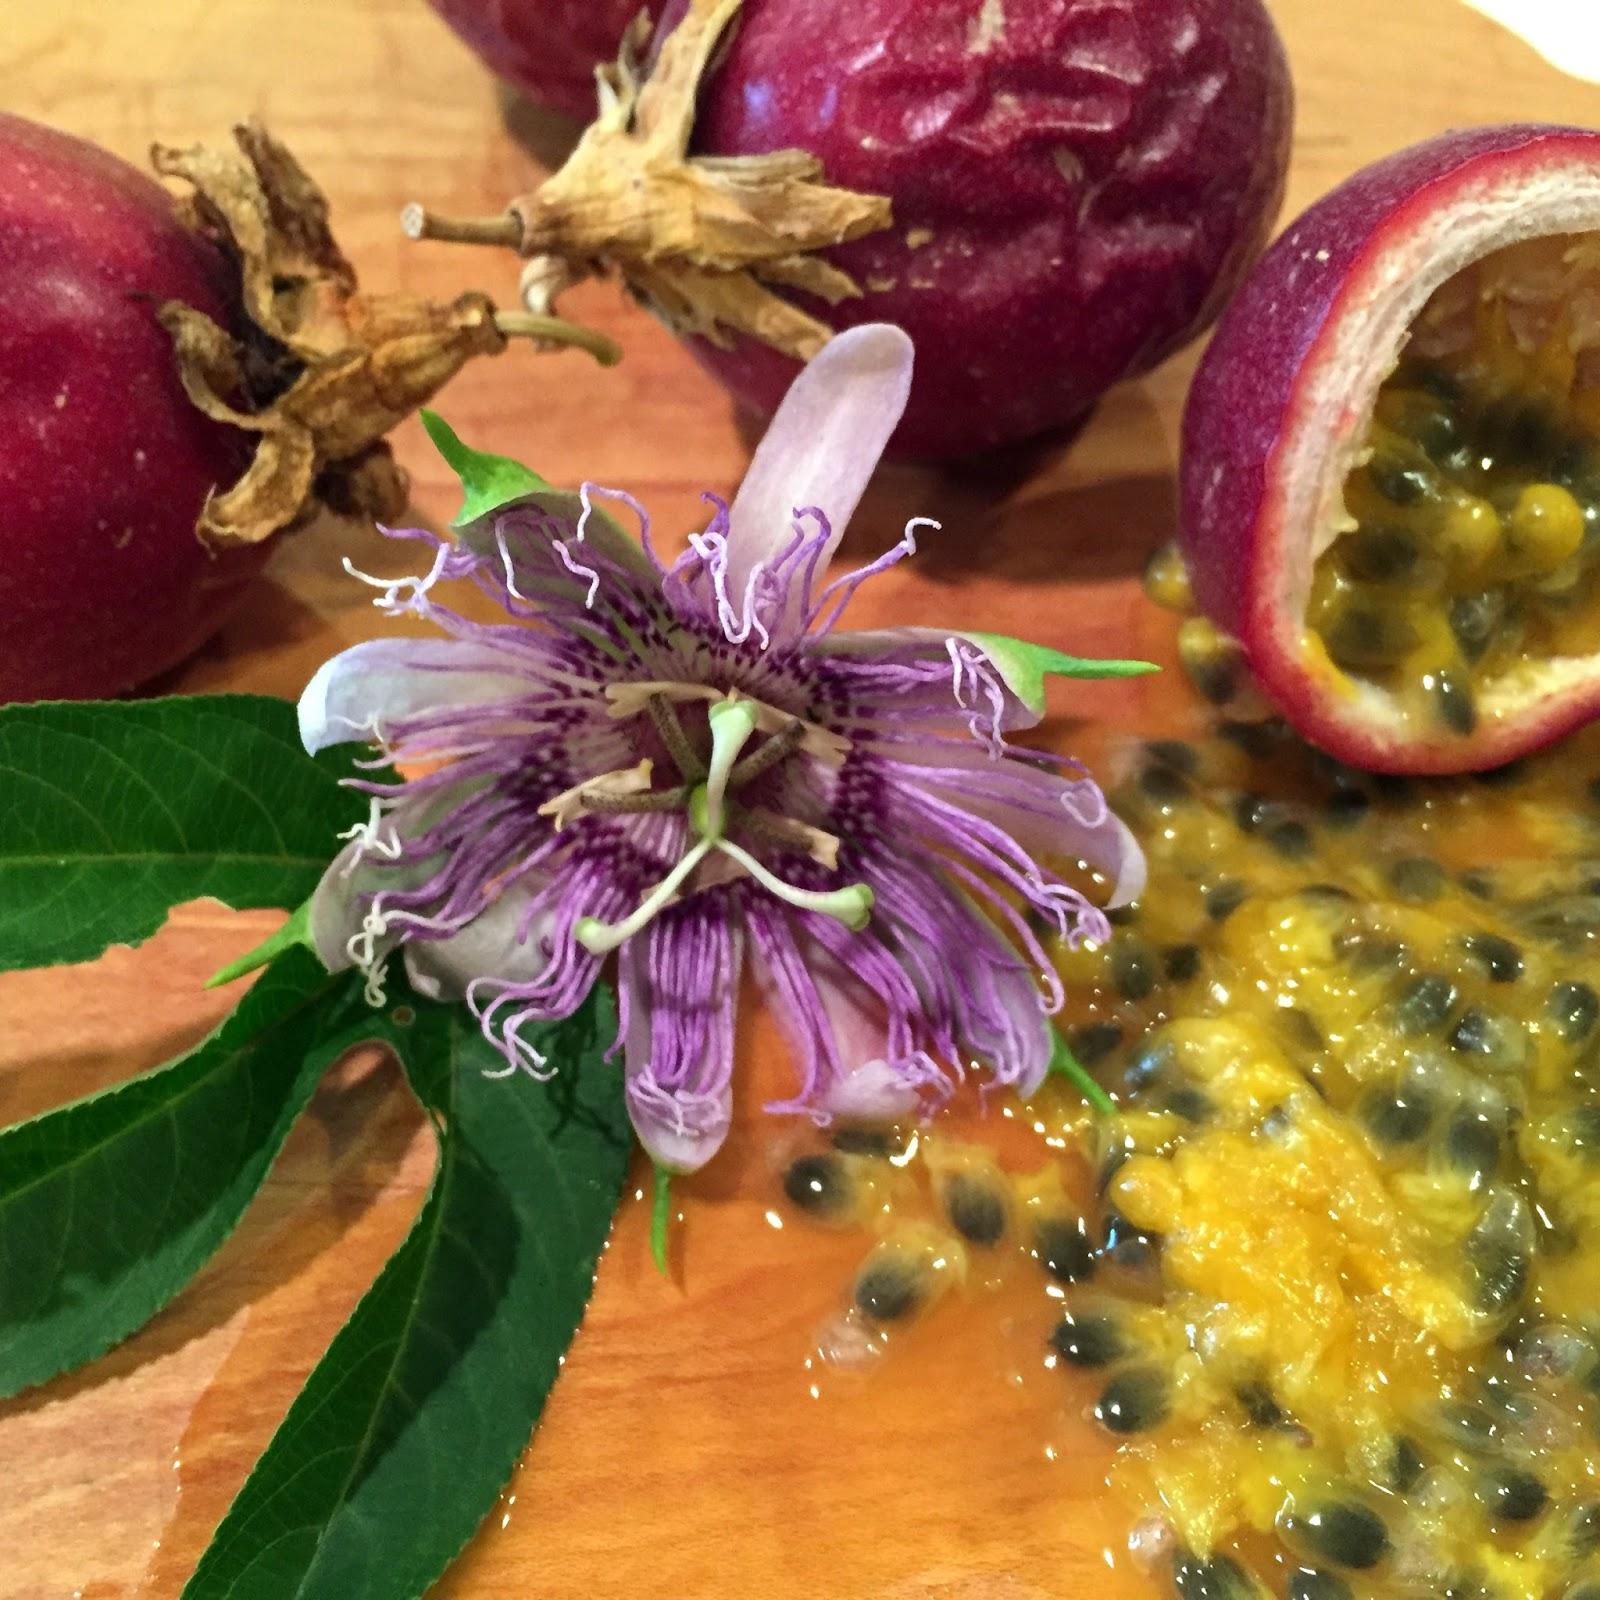 Rosemary s Sampler The Fruit of the Passion Flower